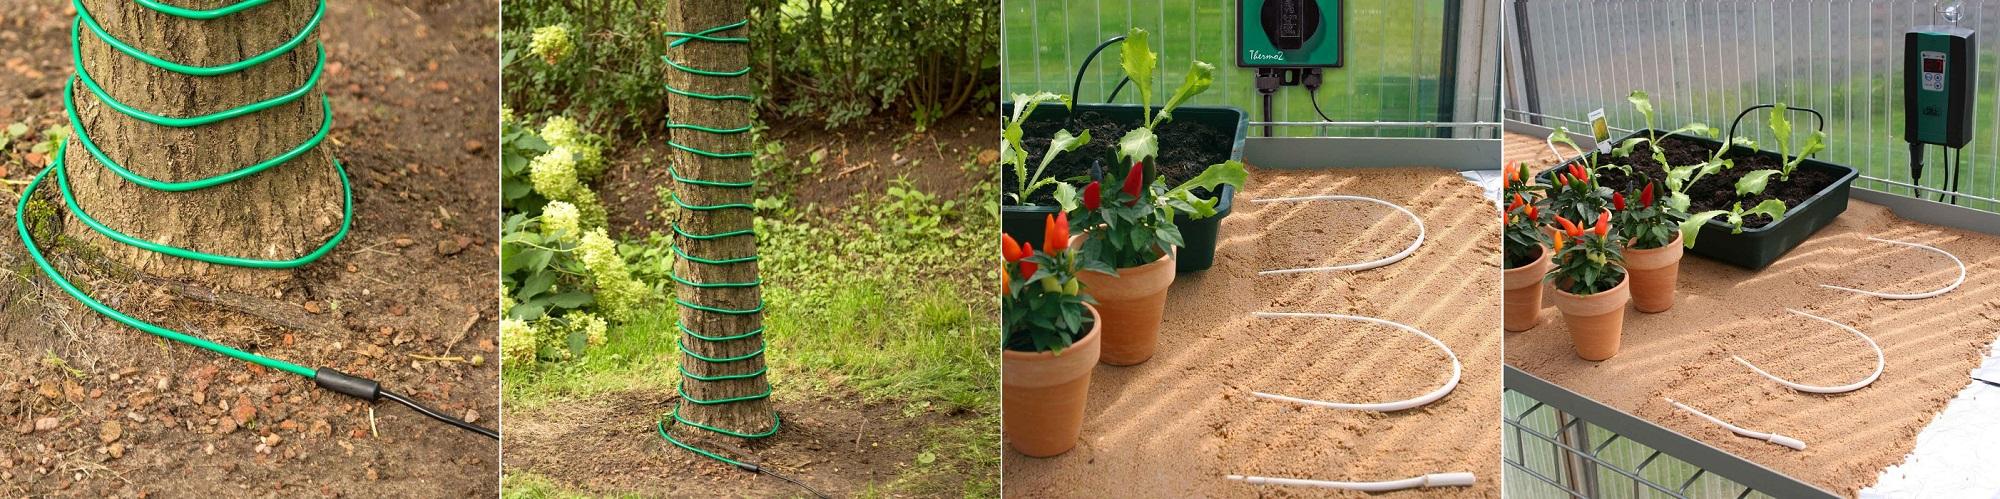 گرمایش از کف با کابل گرمایشی - گرمایش گیاهان و درختان و زمین کشاورزی